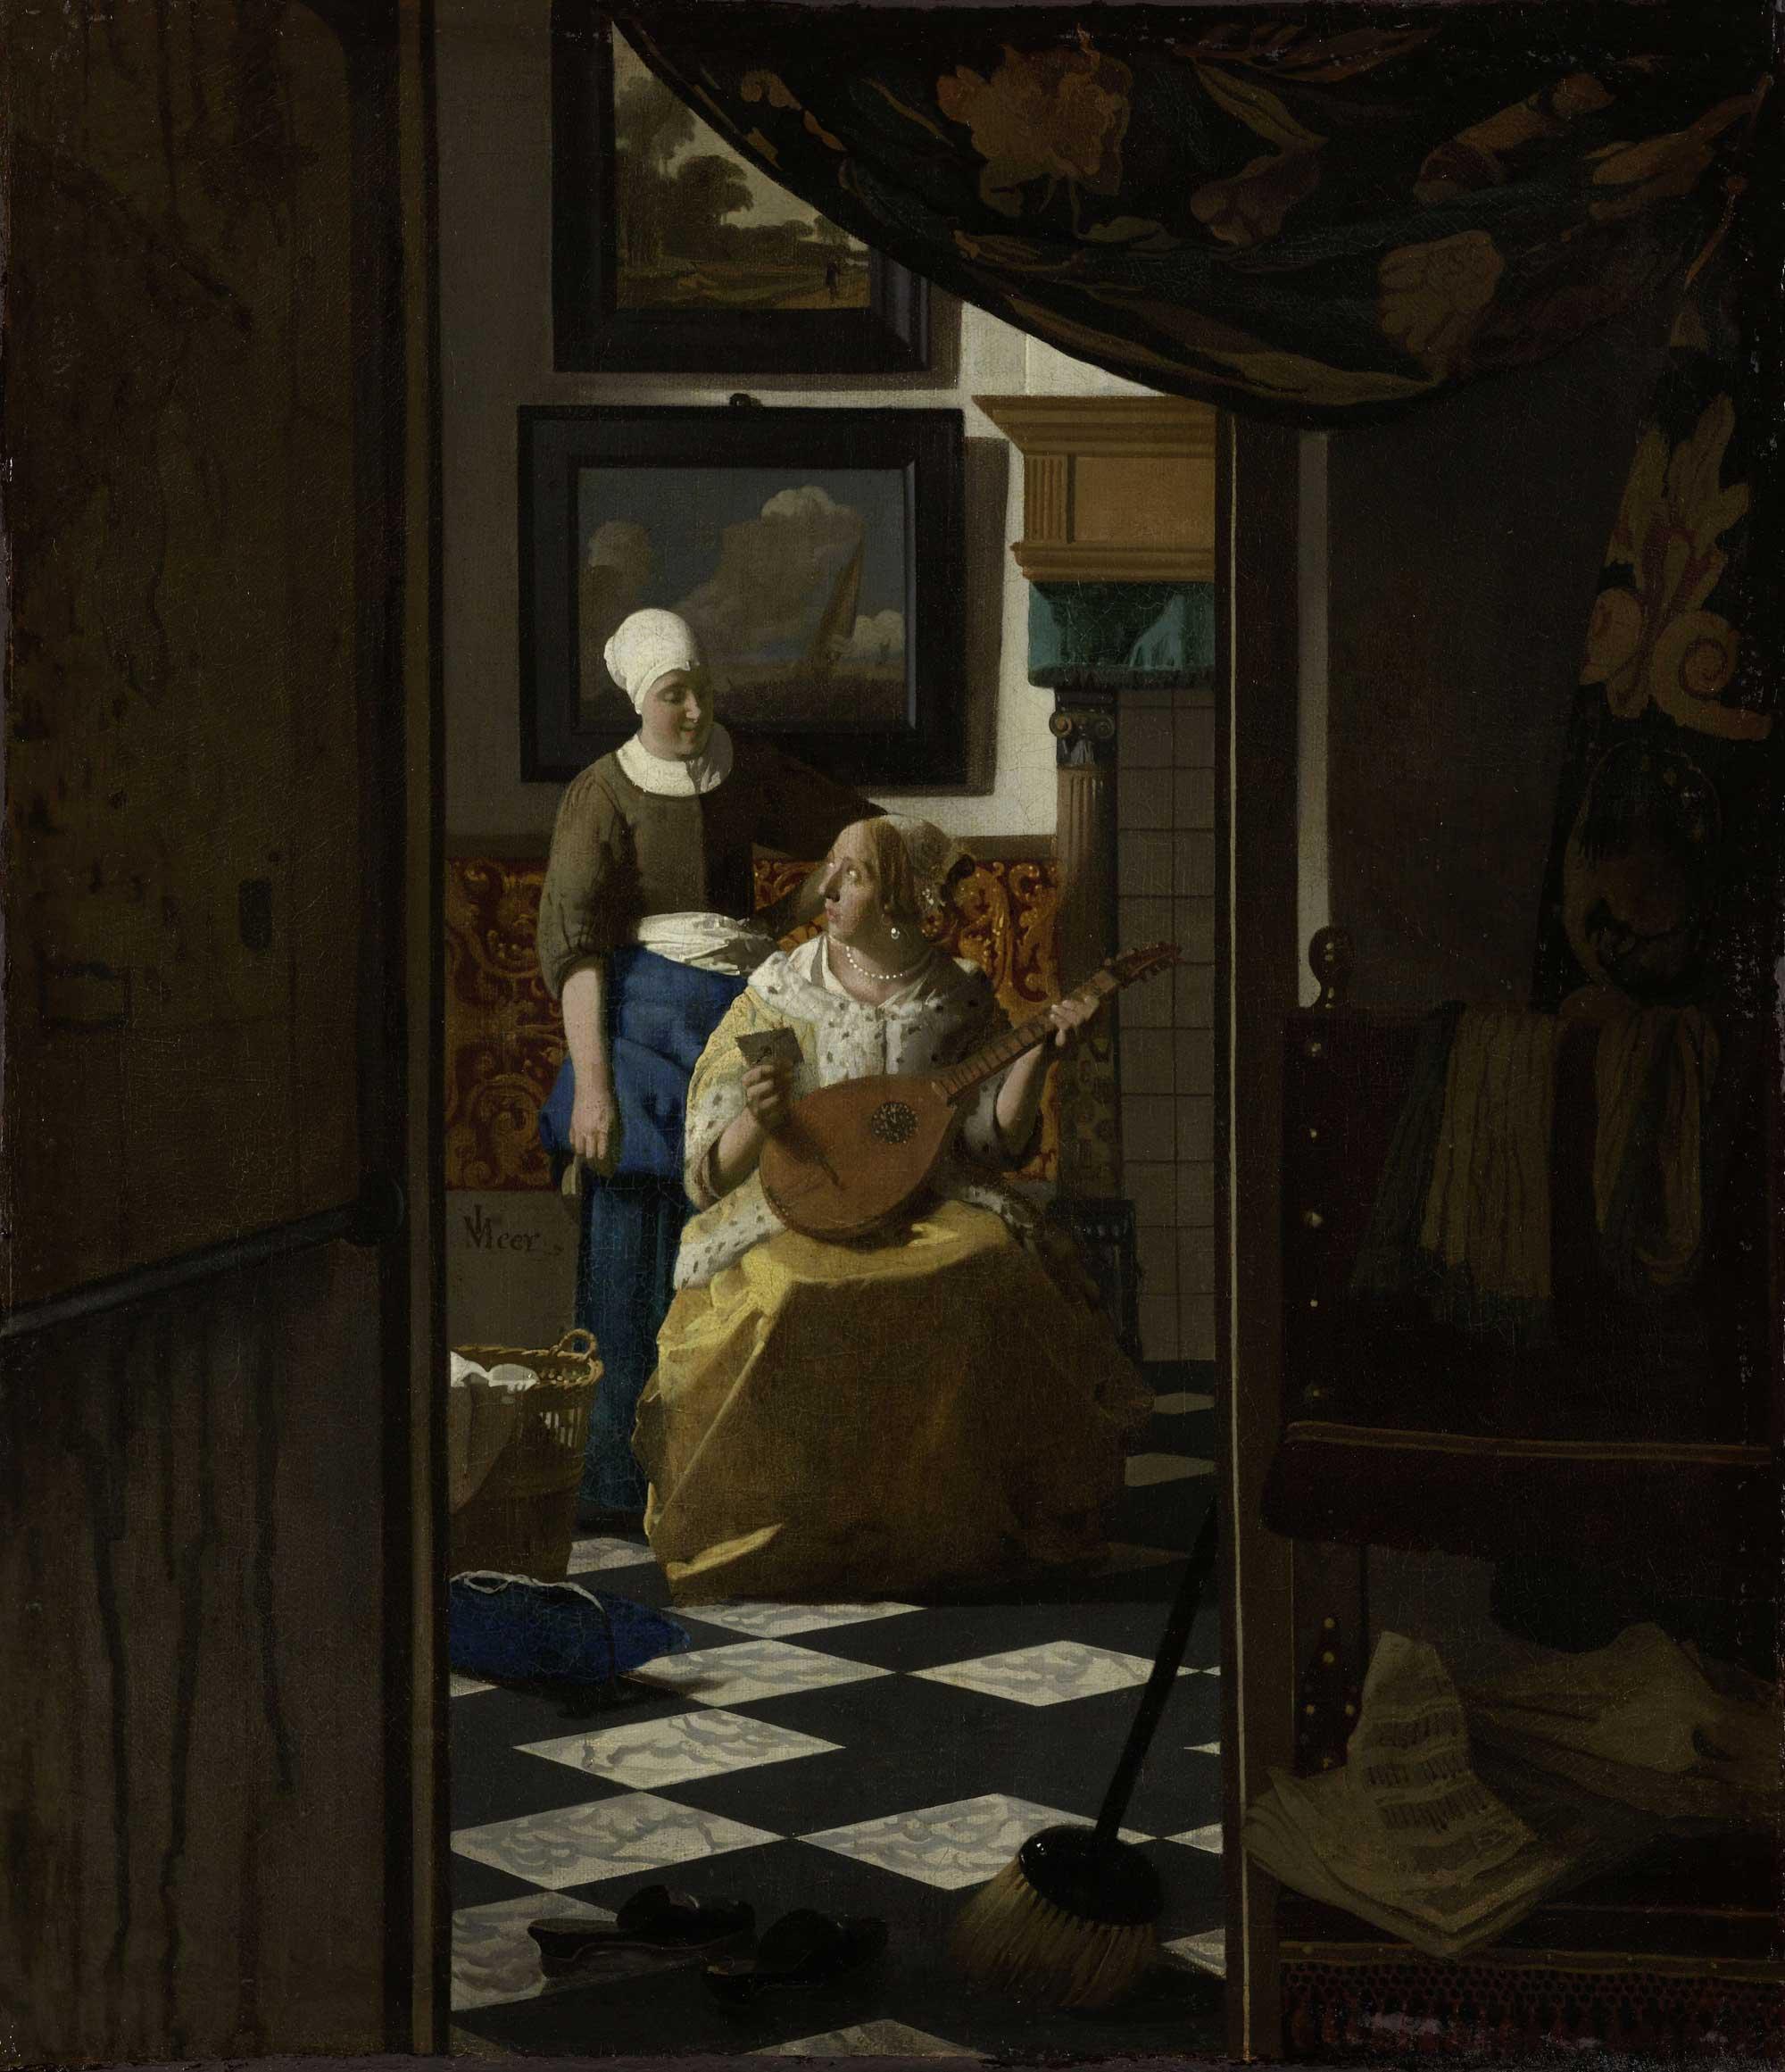 rijksmuseum schilderijen eregalerij